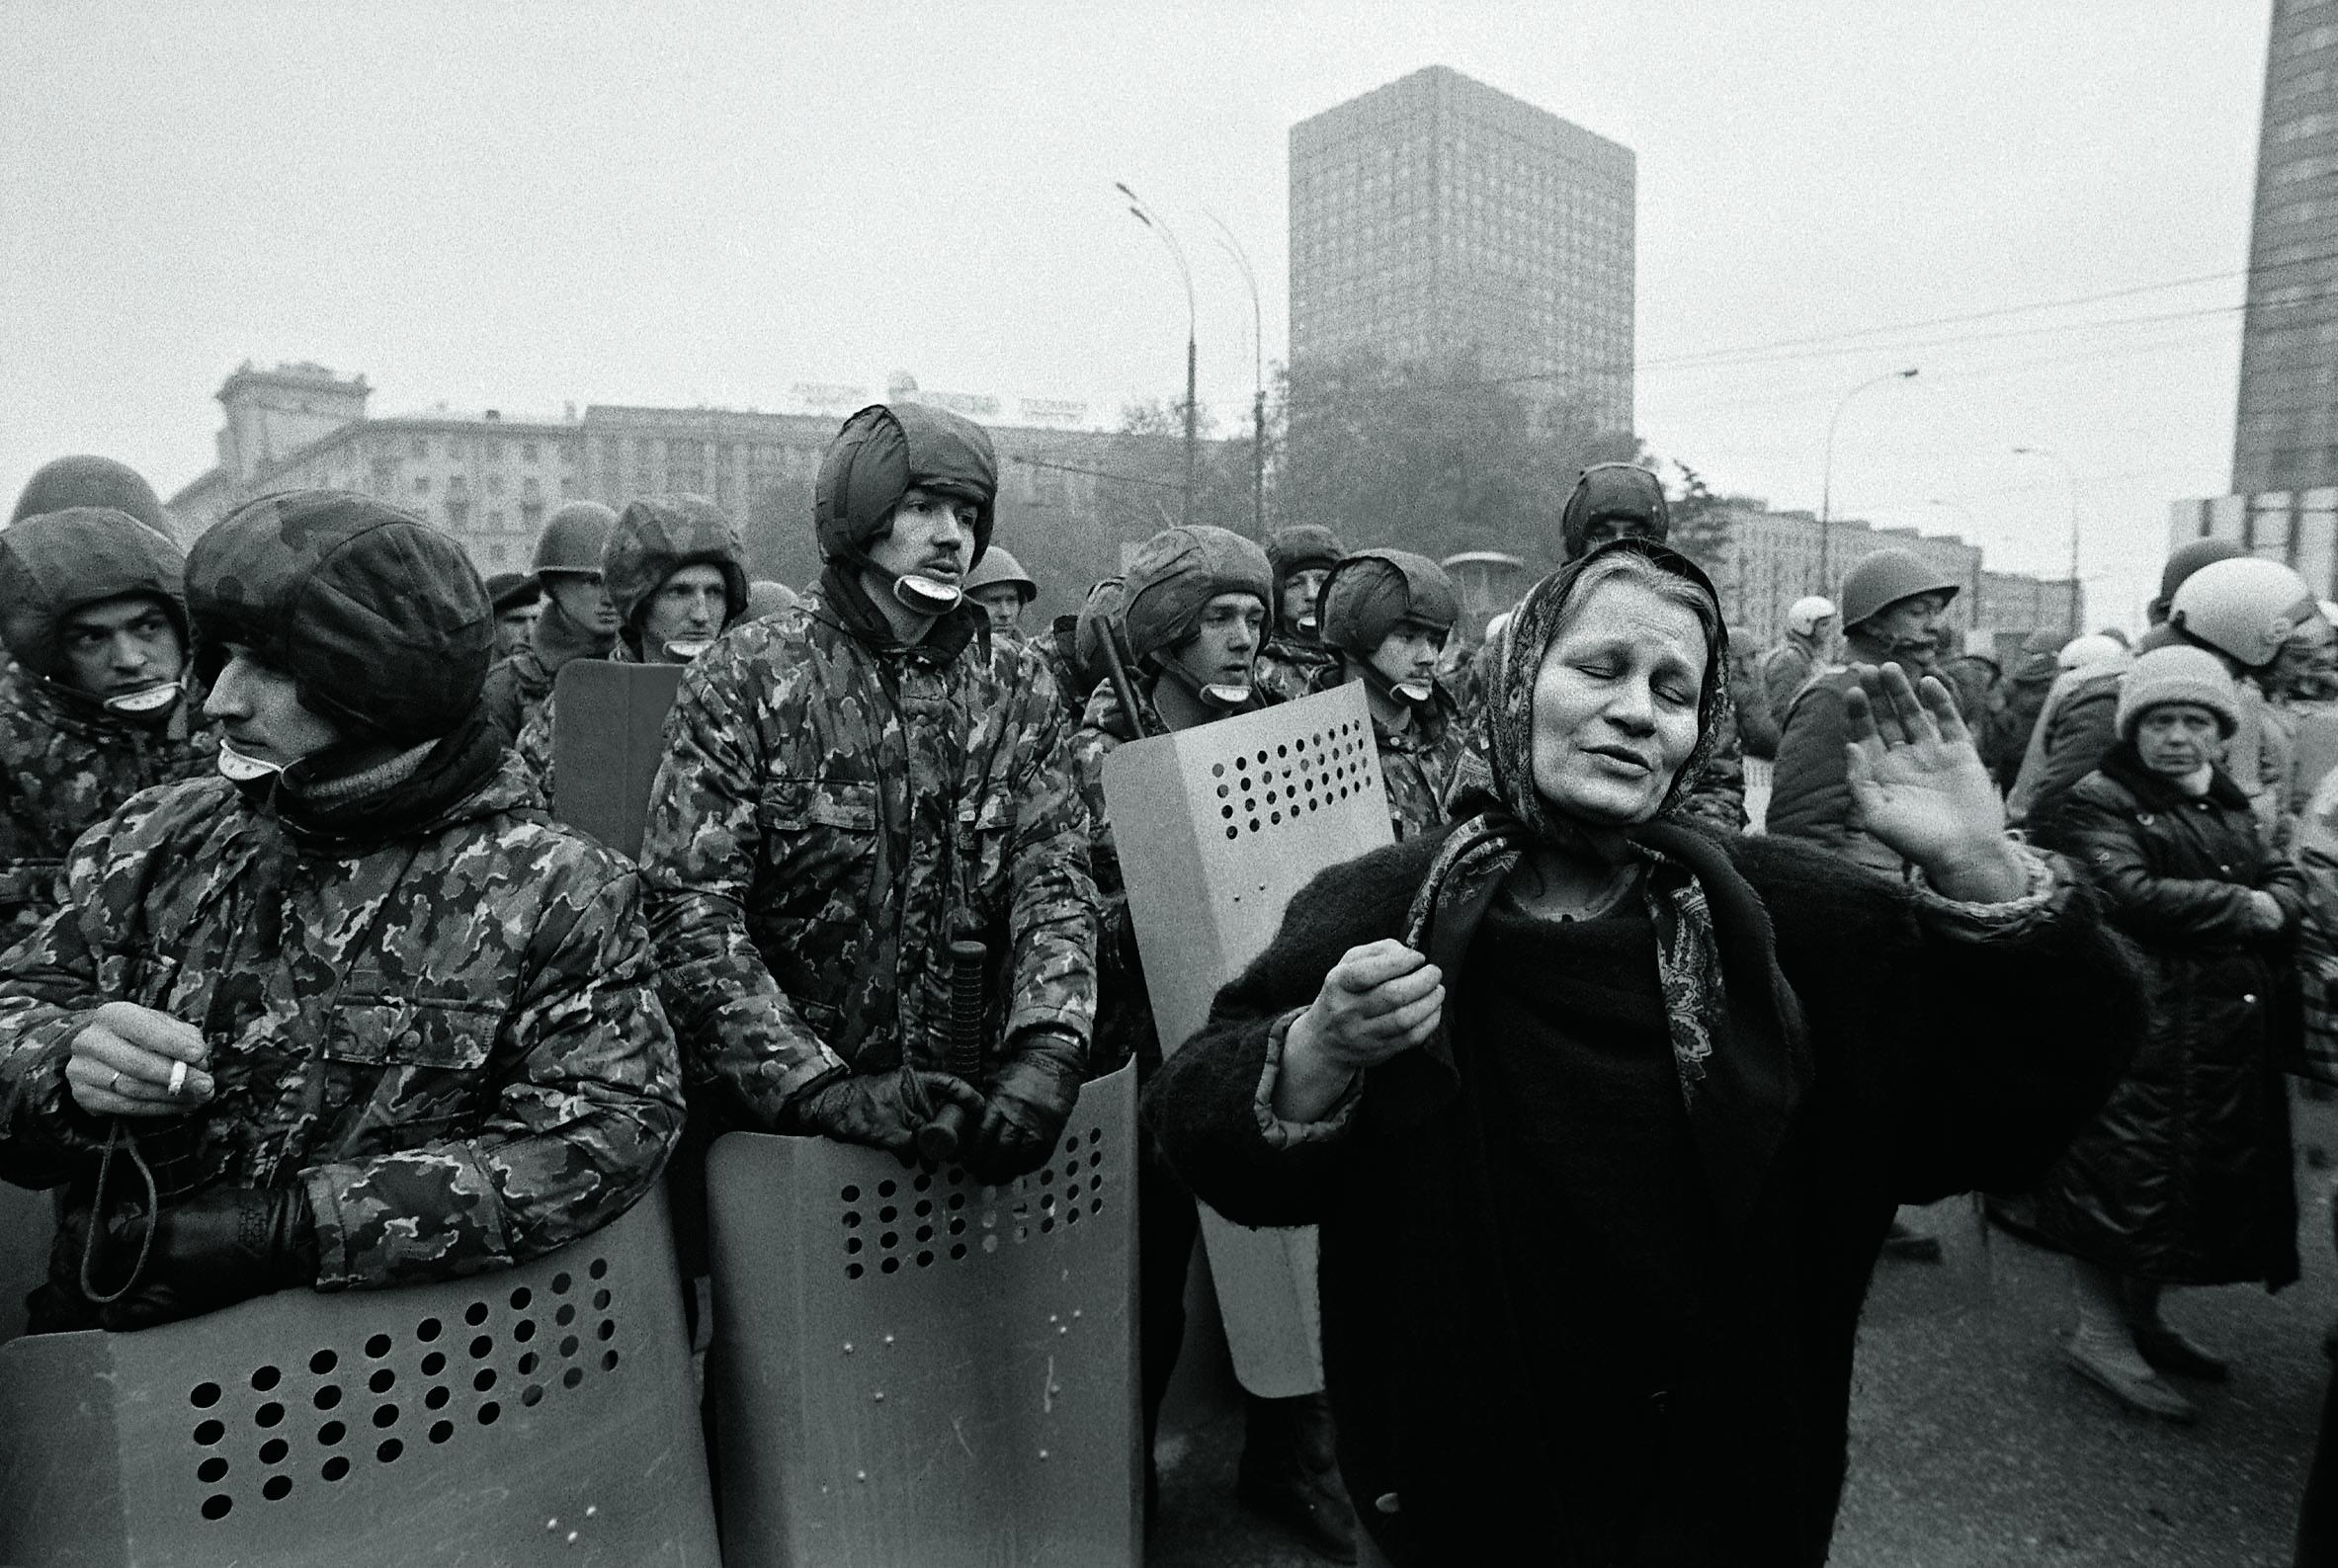 ОМОН блокирует Смоленскую площадь у Министерства иностранных дел на фоне противостояния между Верховным Советом Российской Федерации и президентом Борисом Ельциным 2 октября